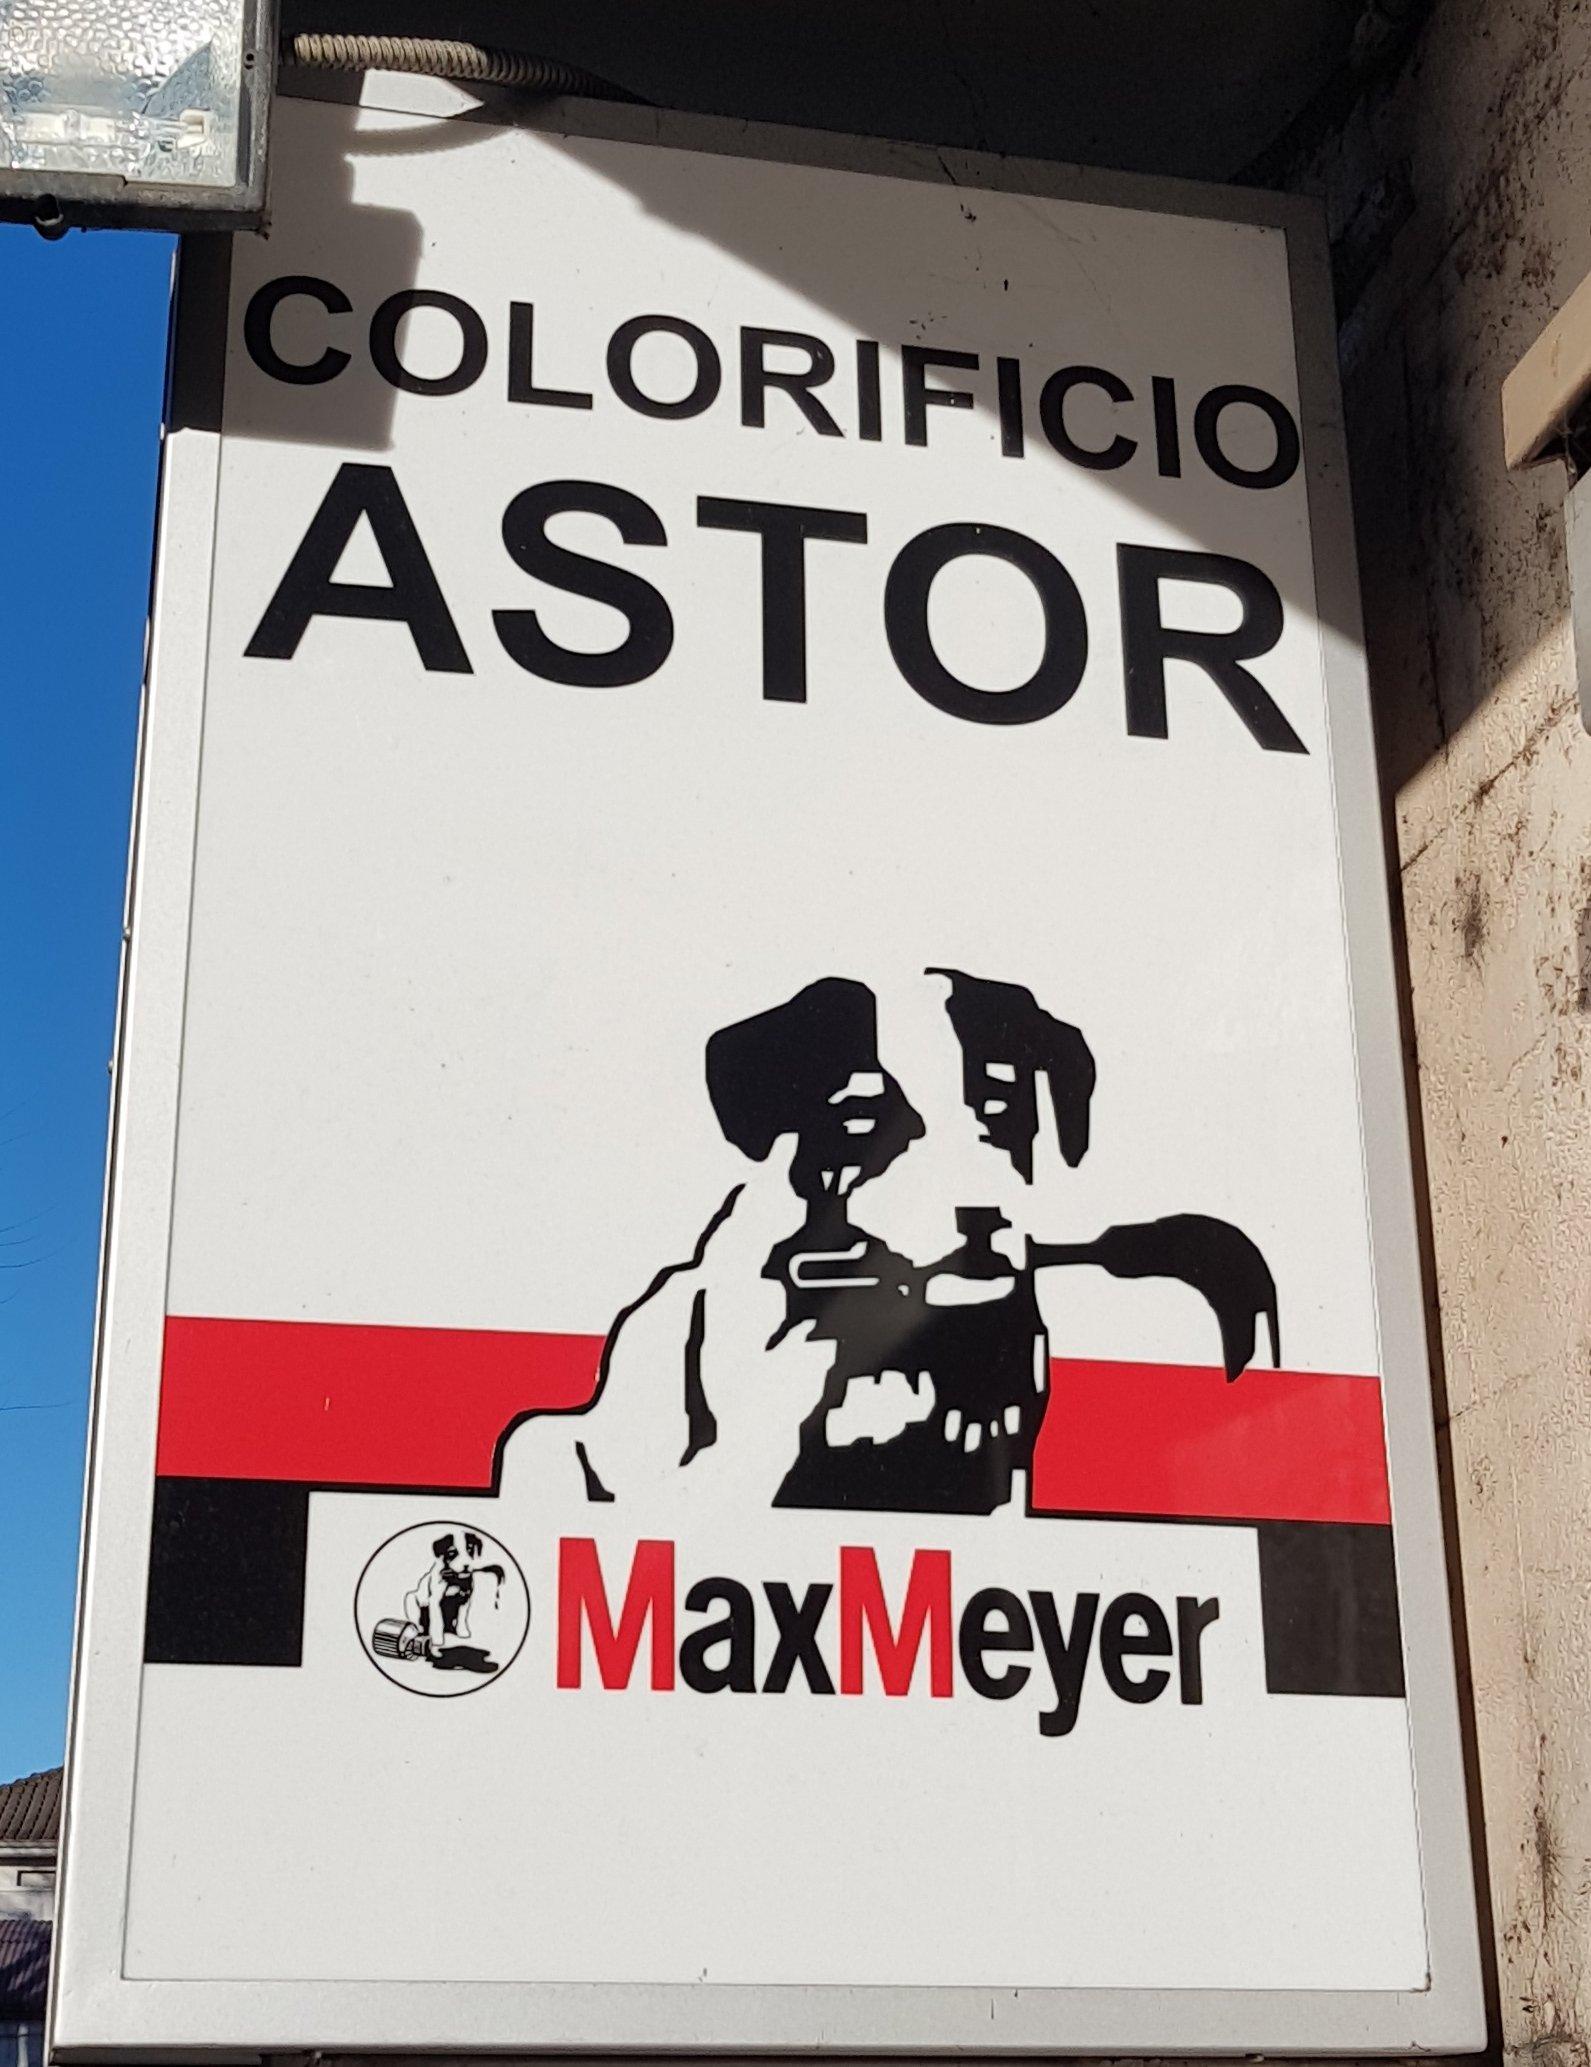 Insegna del Colorificio Astor